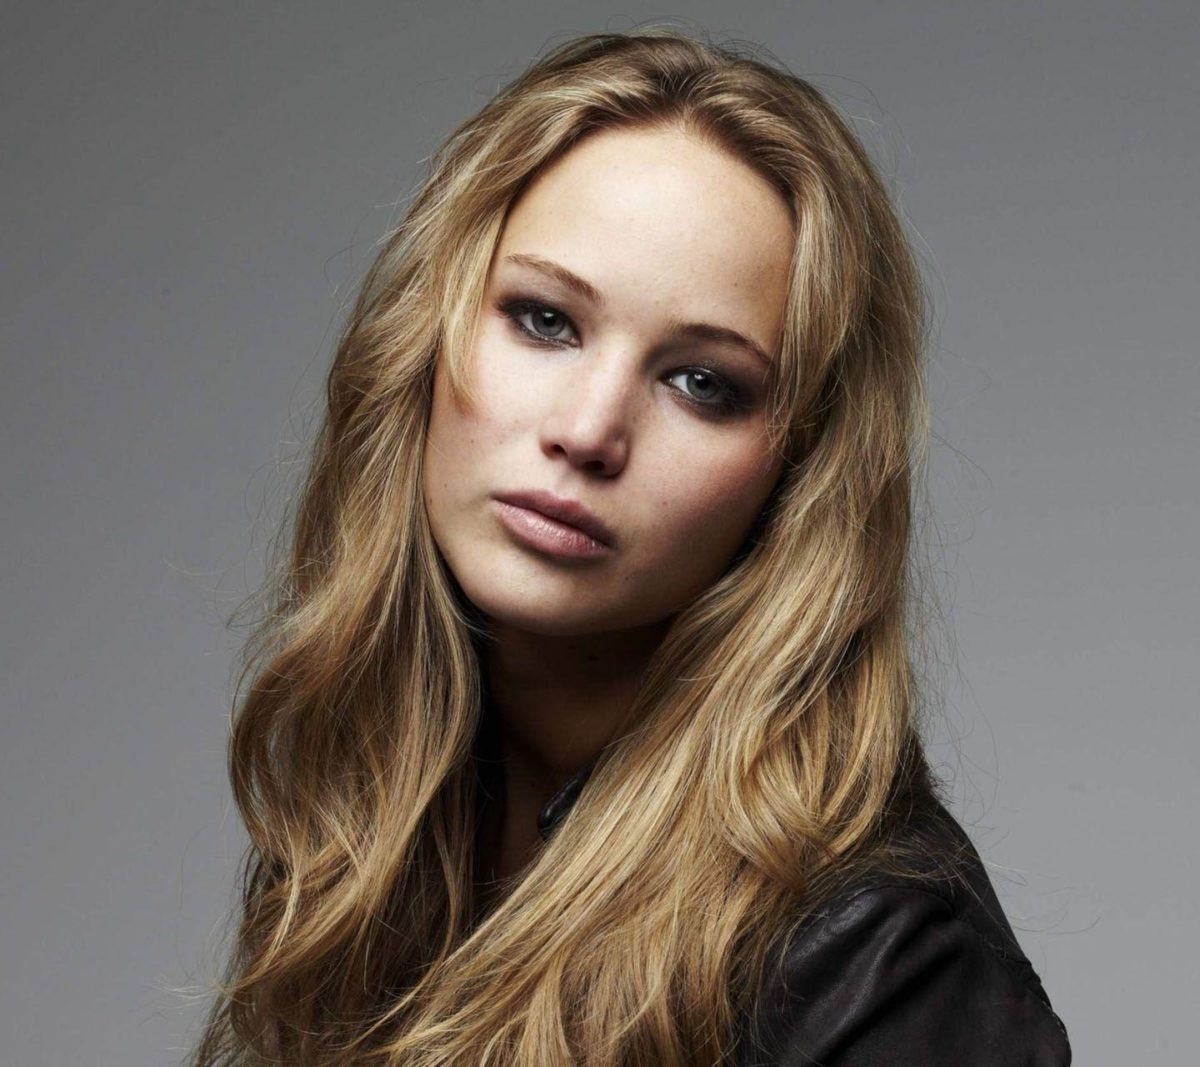 Jennifer Lawrence | HD Wallpapers In PC